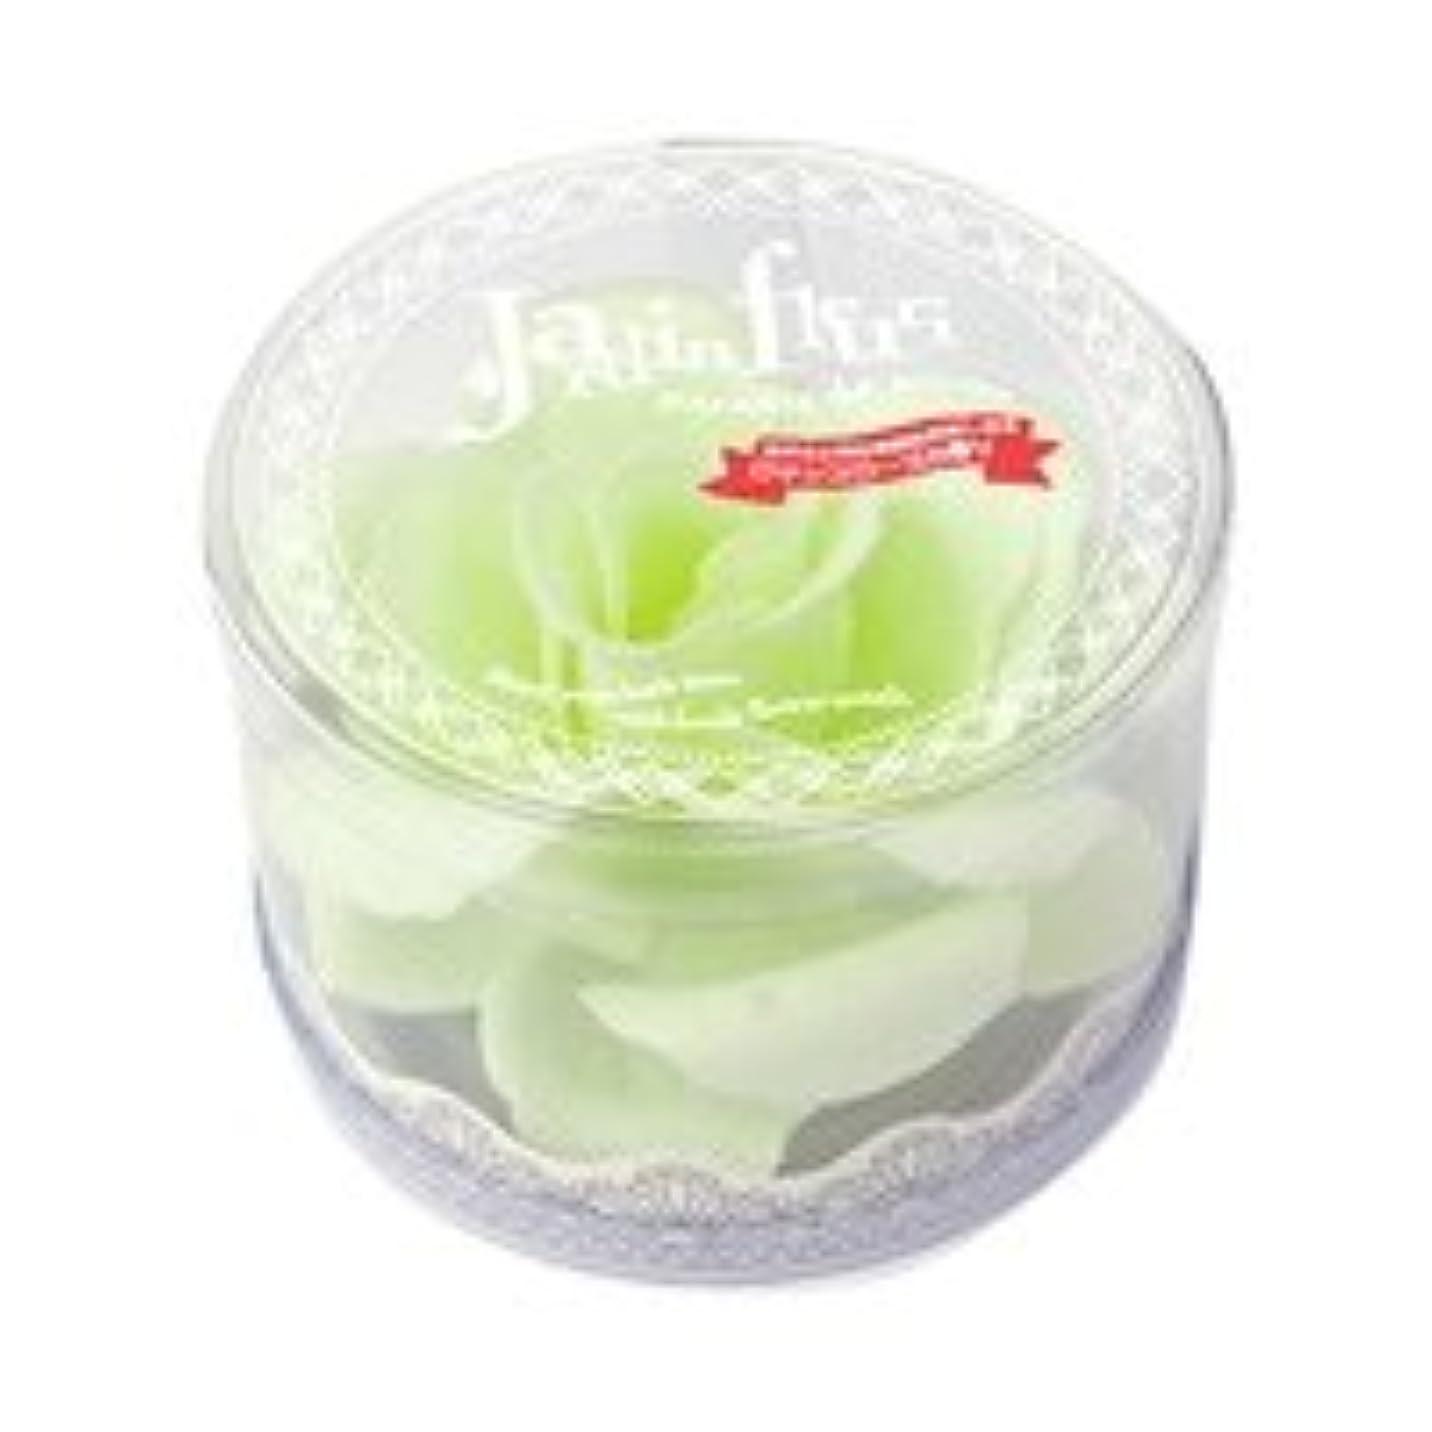 親指ラジカル失望ジャンダンフルリ バスペタル ボックス「ペール グリーン」6個セット ロマンスローズの香り